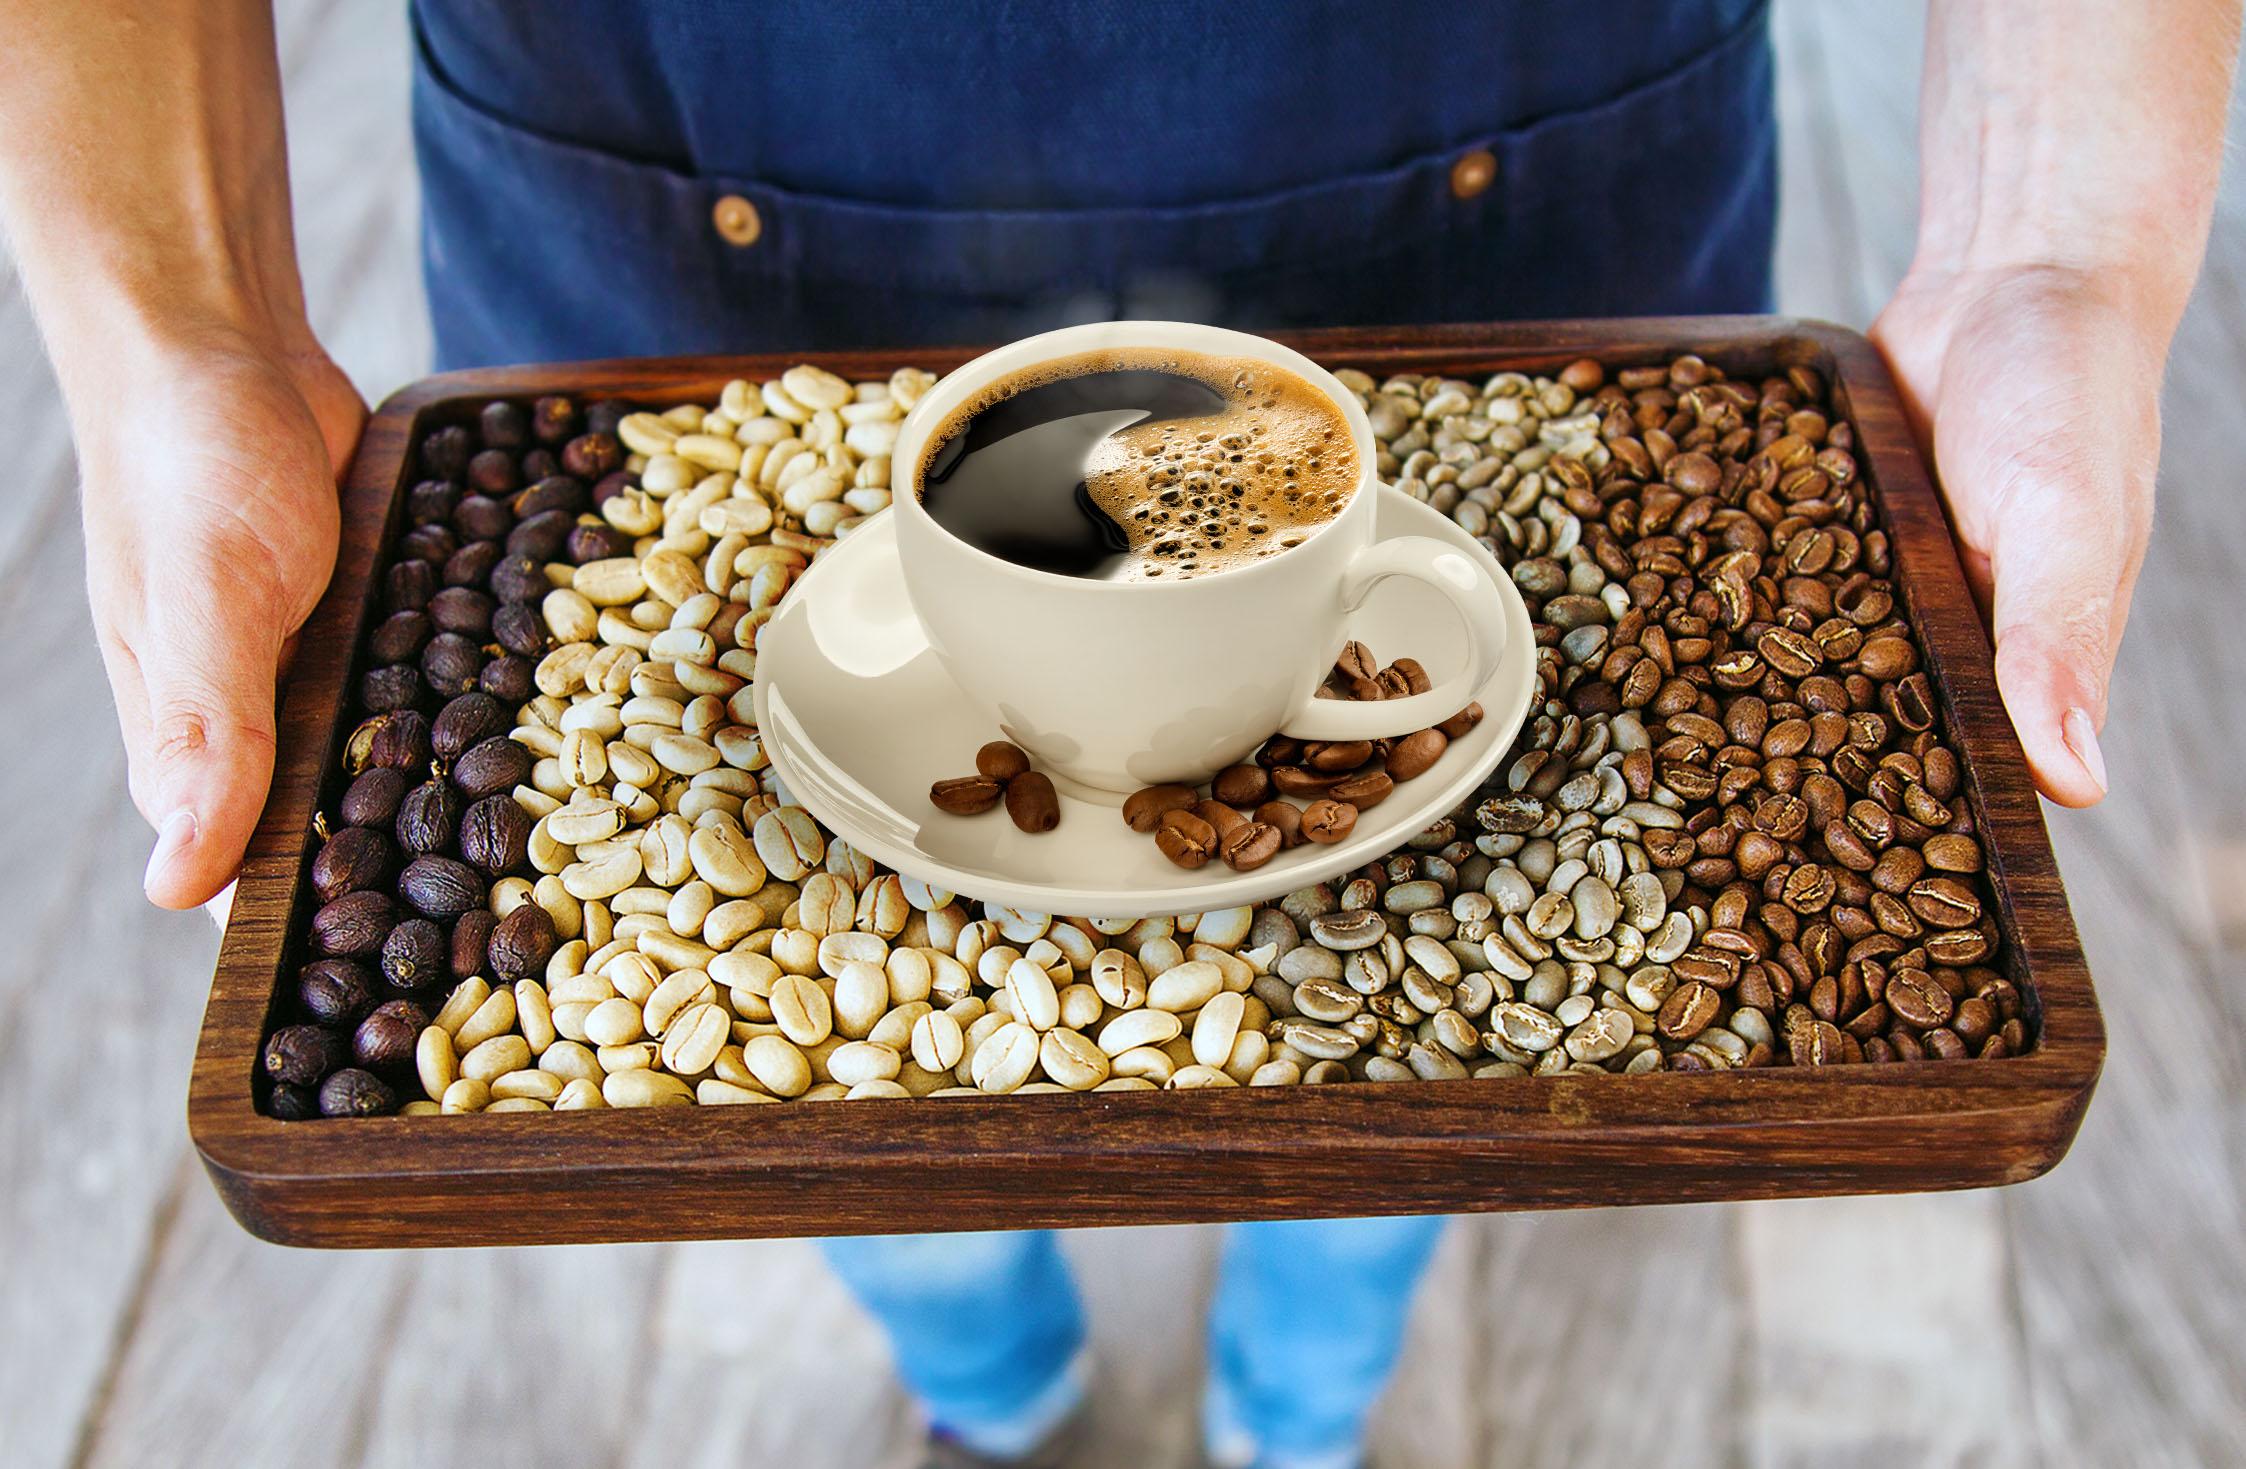 Бренды зернового кофе, которые вам понравятся